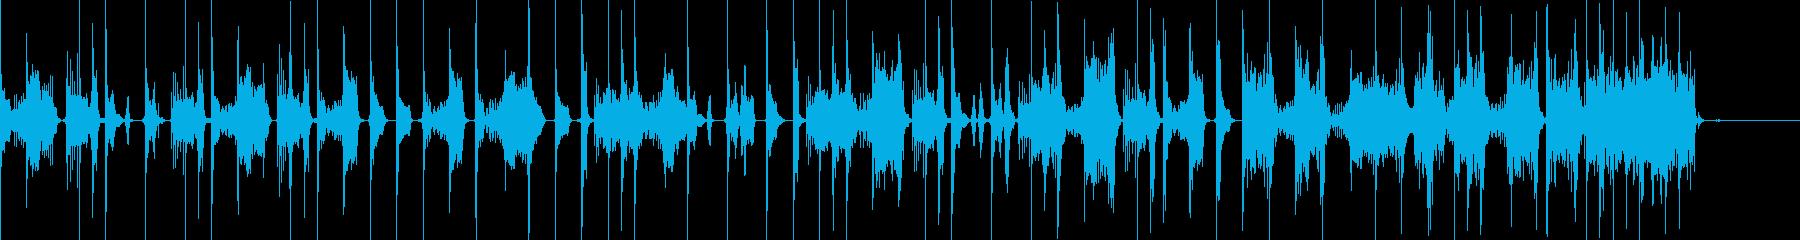 ビートボックスとファミコン音で構築した曲の再生済みの波形